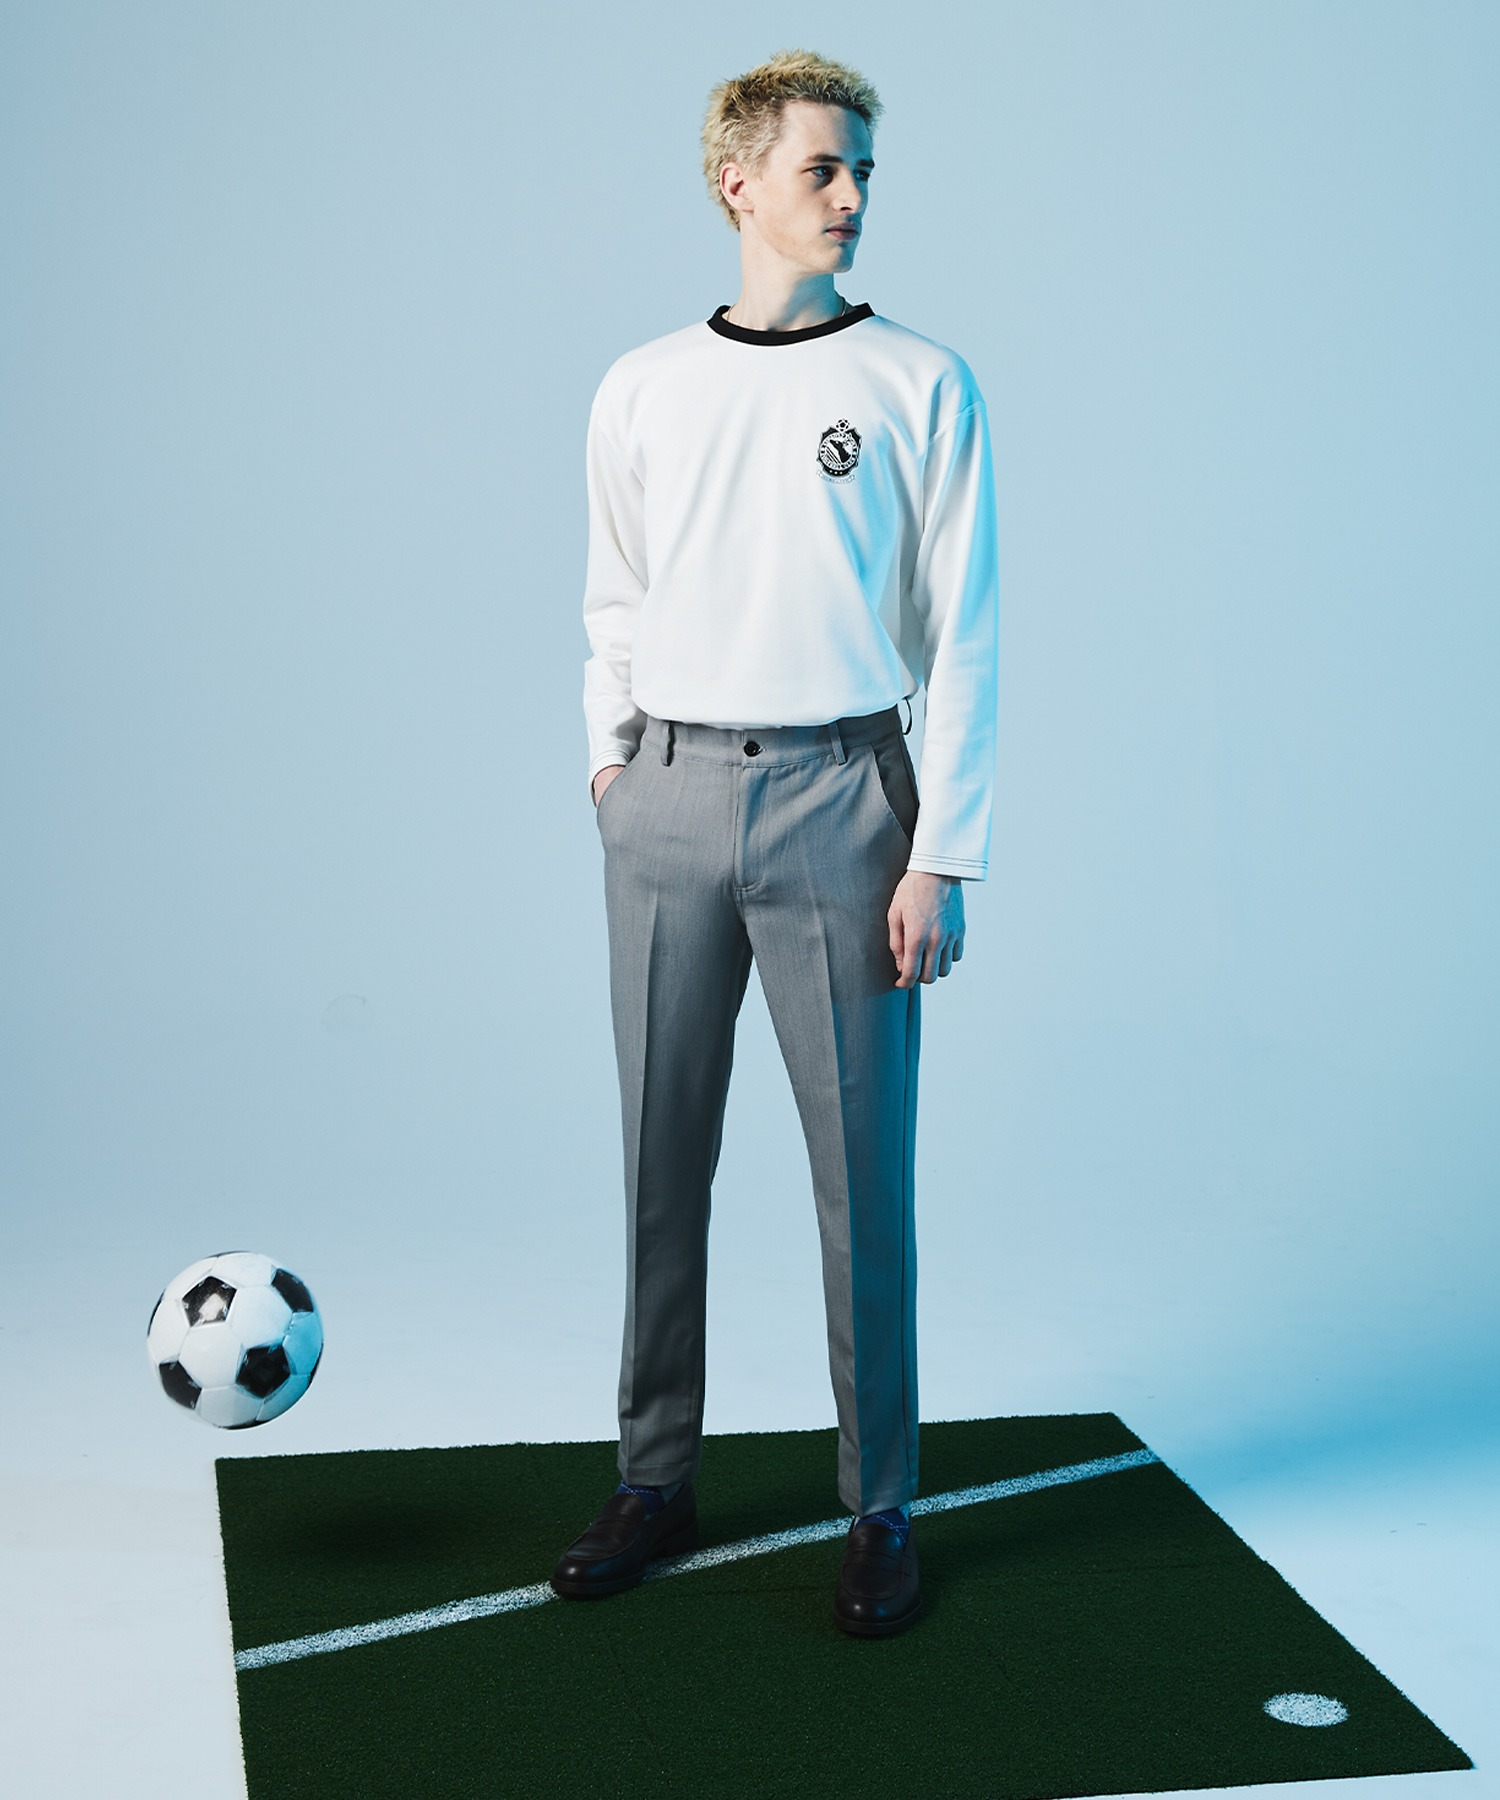 ポンチローマ オーバーサイズ 切り替え Footballロゴカットソー L/S (EMMA CLOTHES)